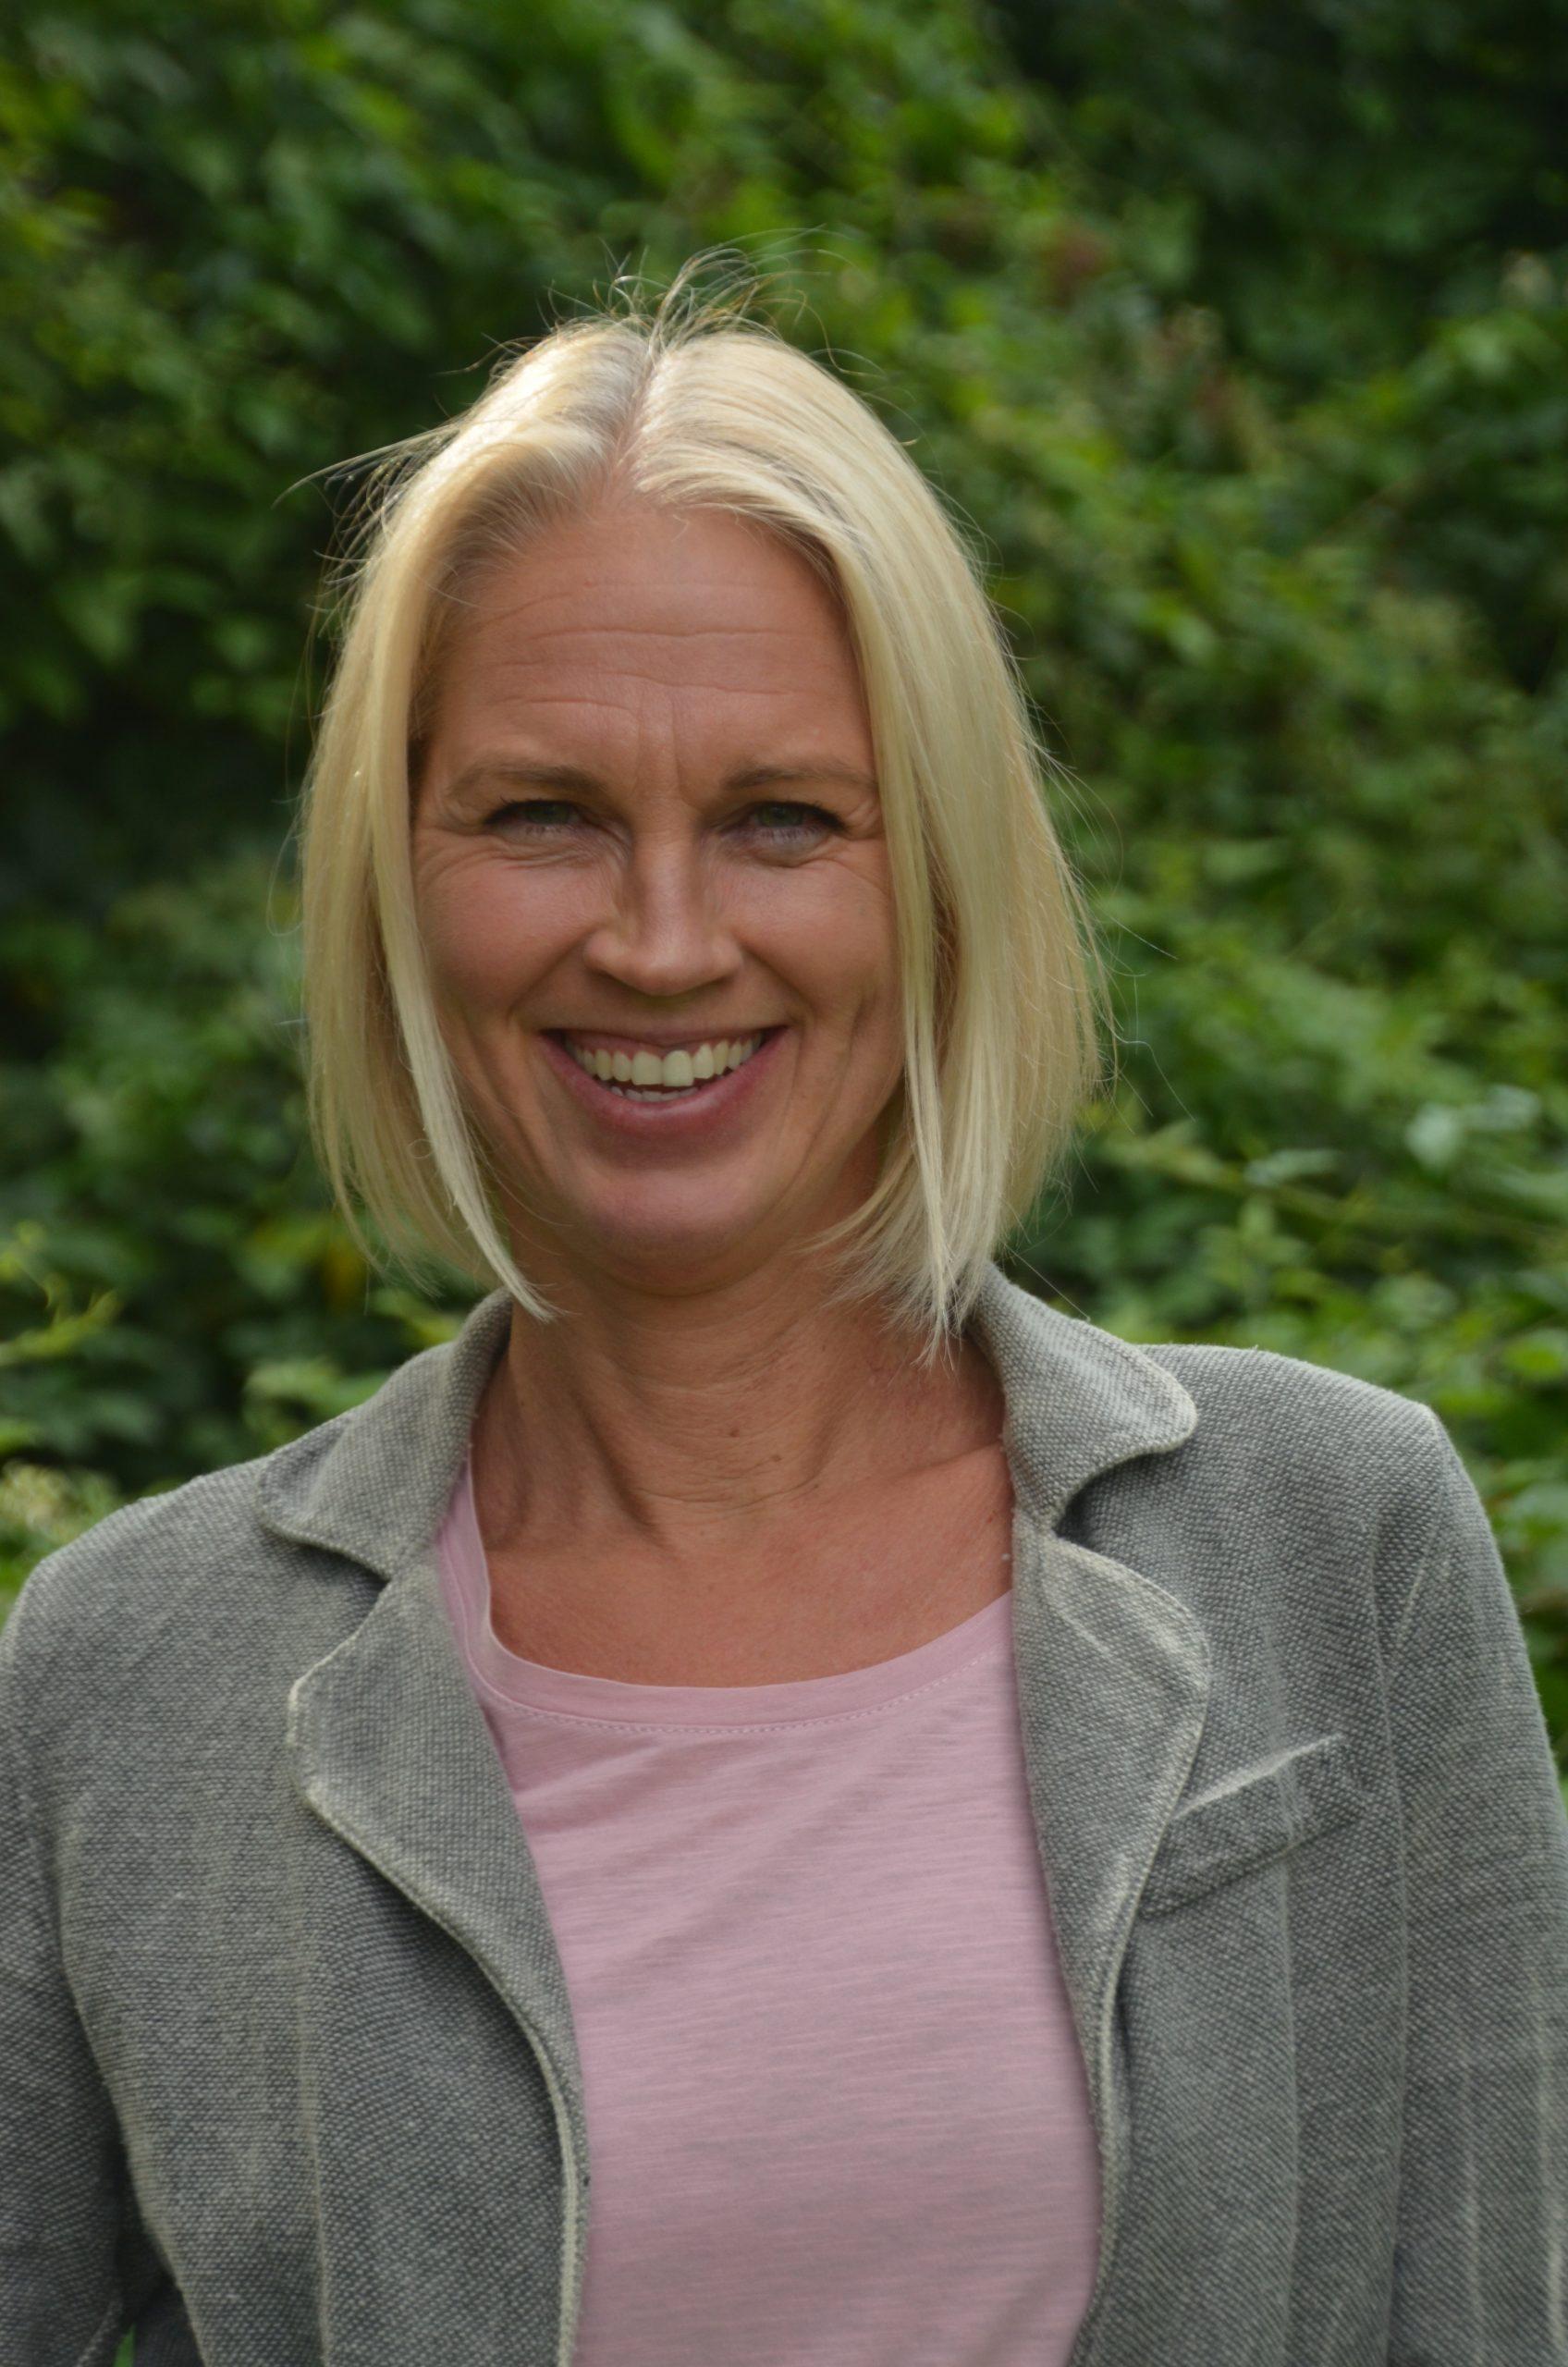 Frau Saliger